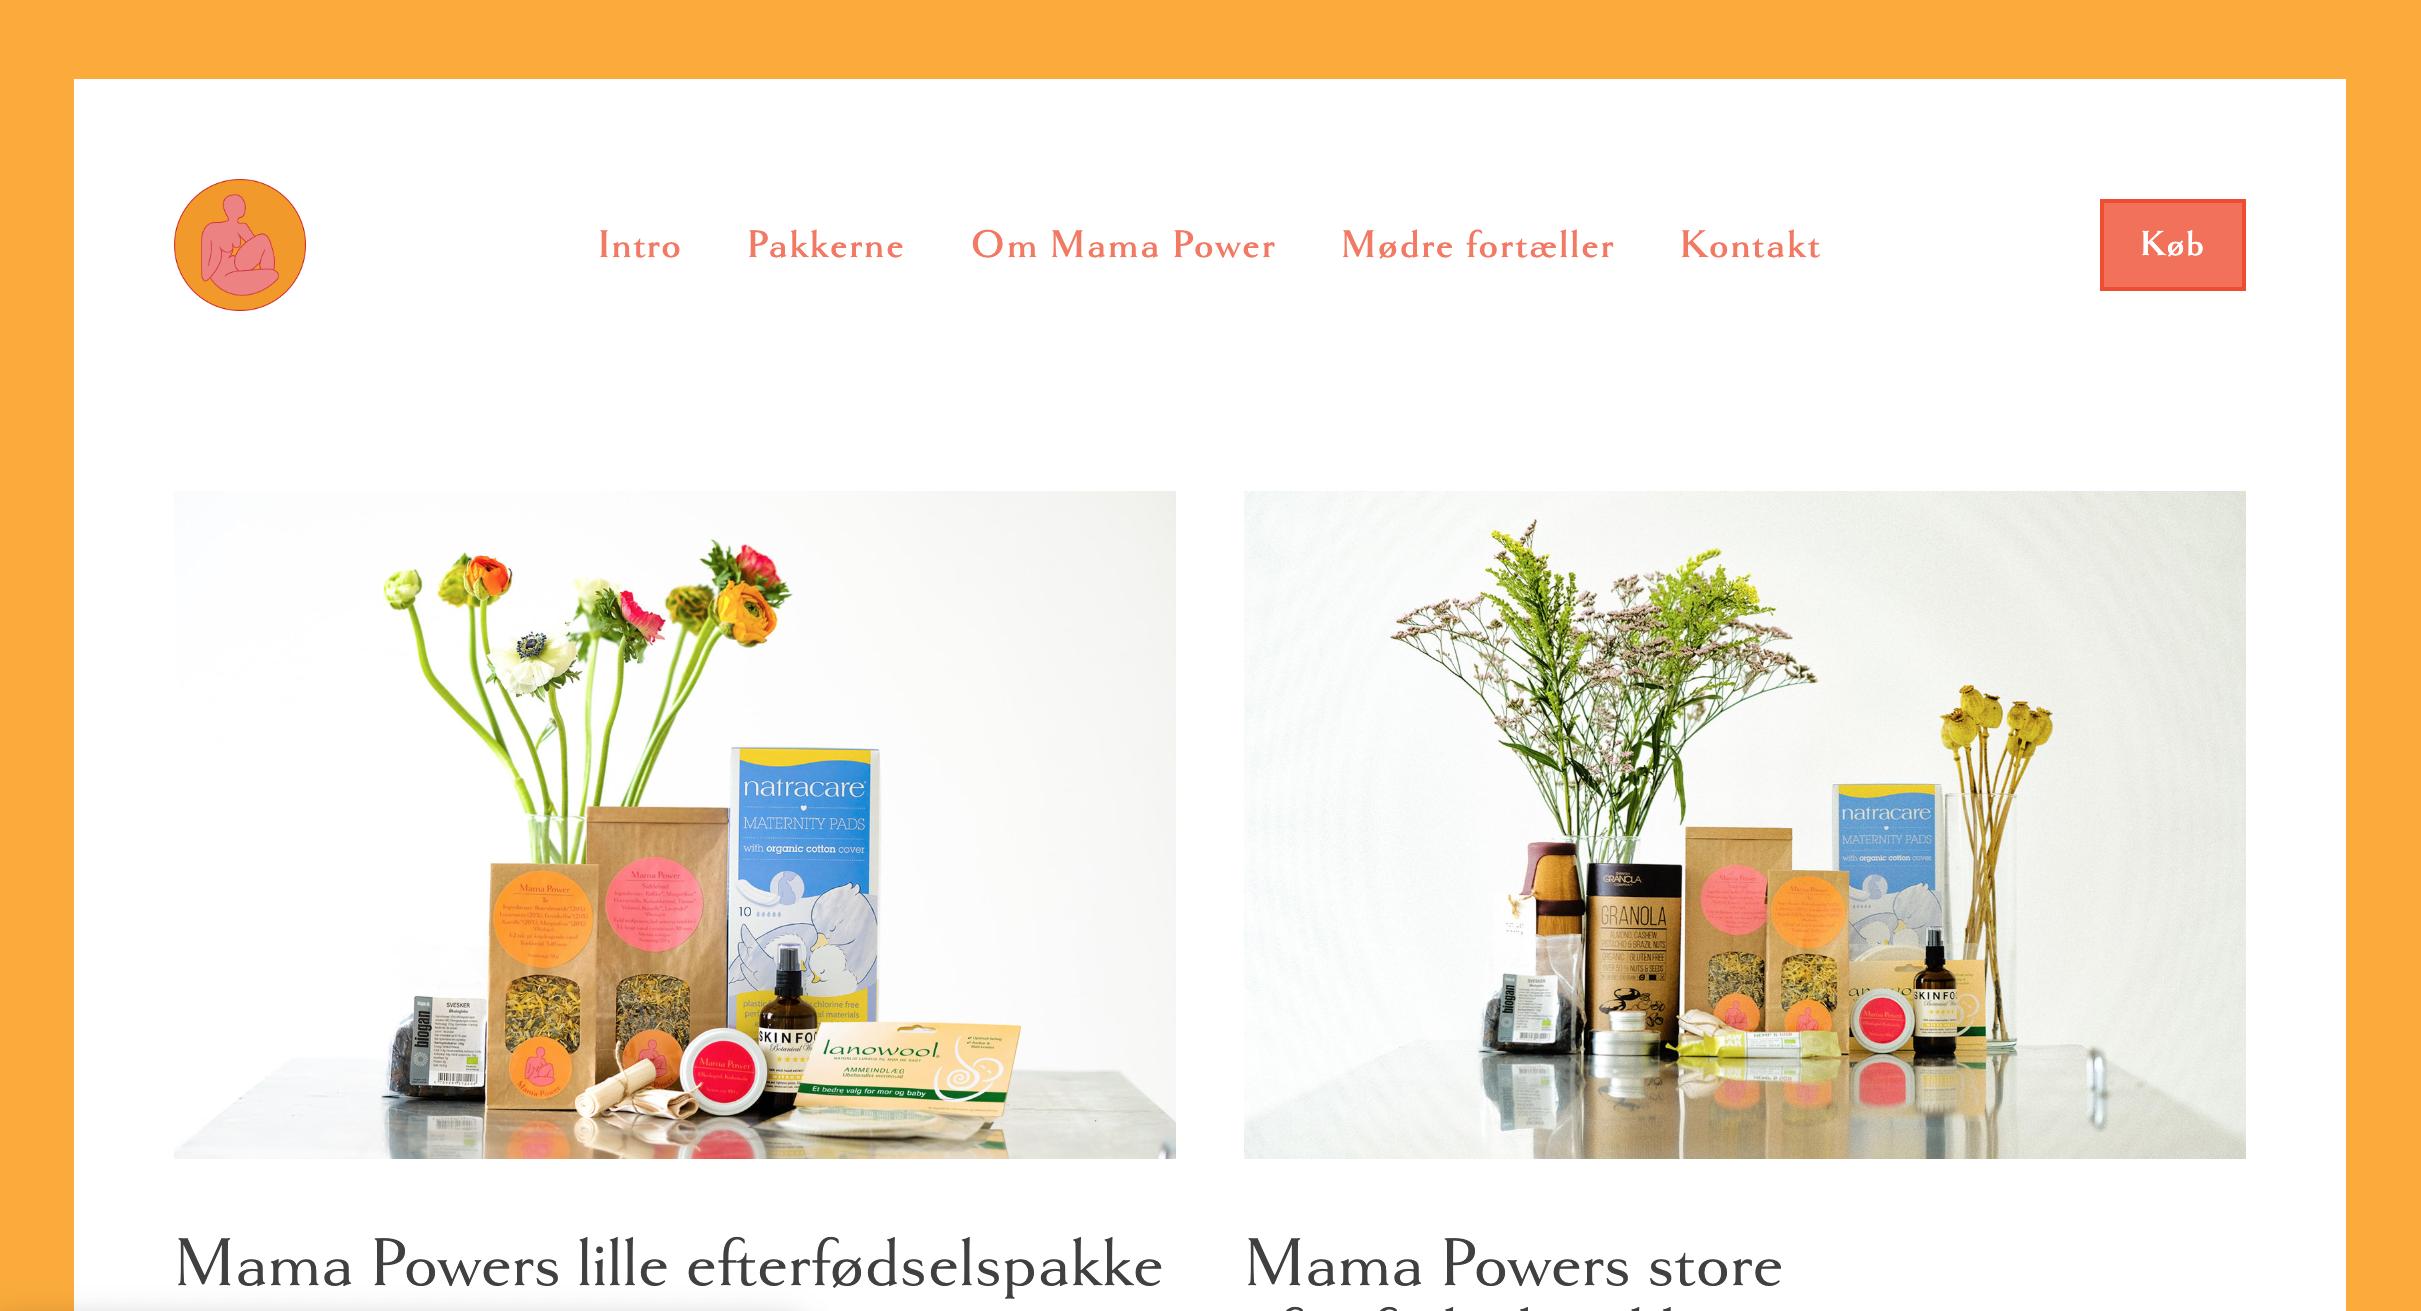 www.mamapower.dk